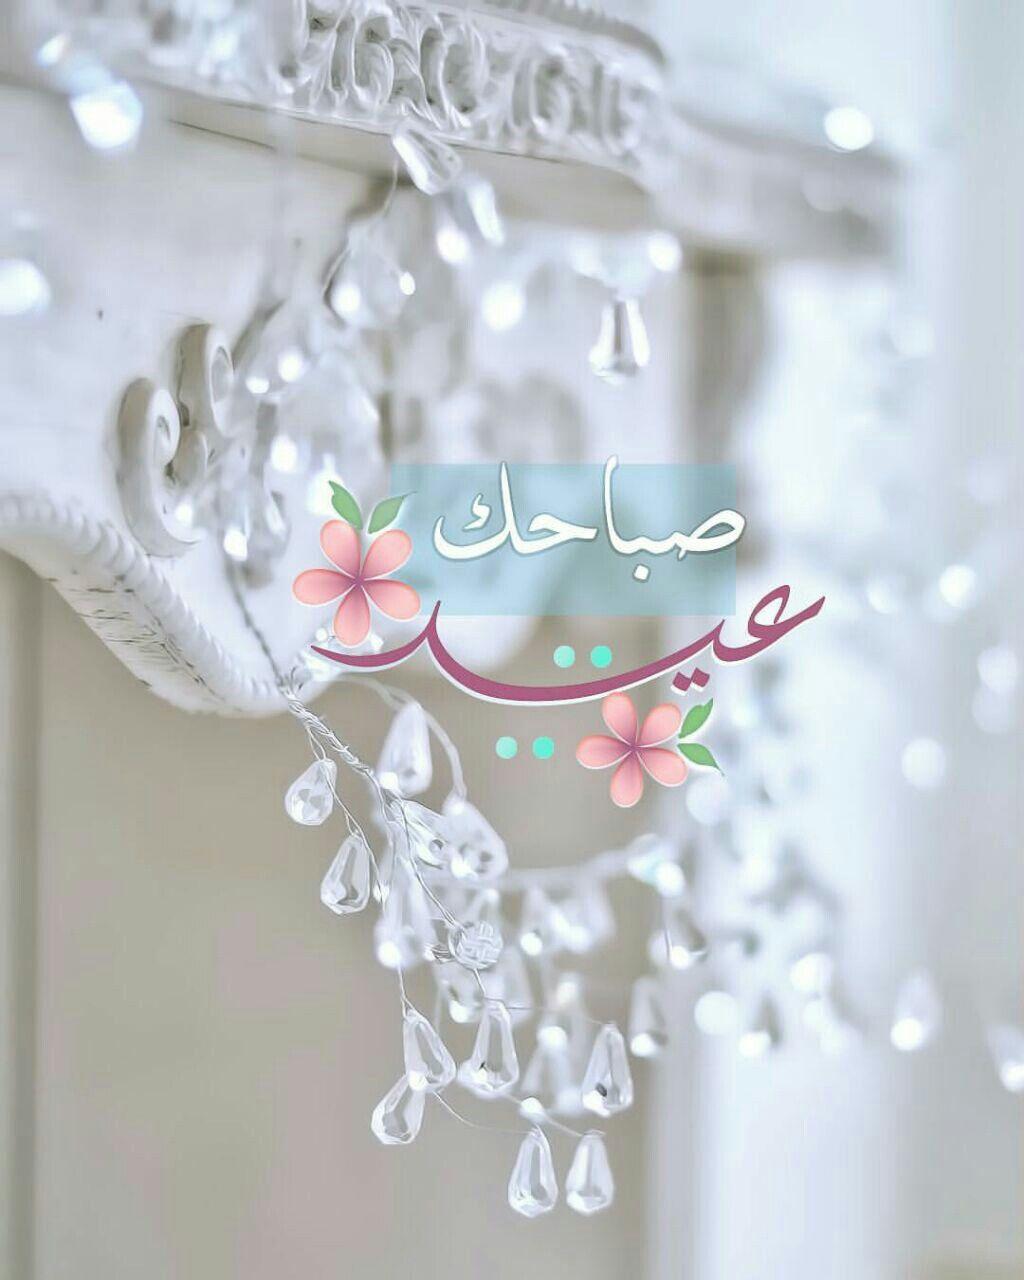 العيــــــد فرحة تتهاوى فيه أحلى الكلمات و نتهادى فيه اصدق الدعوات و يهتف القلب فرحا بأجمل عبارات التهاني و التبريكا Eid Greetings Eid Gifts Happy Eid